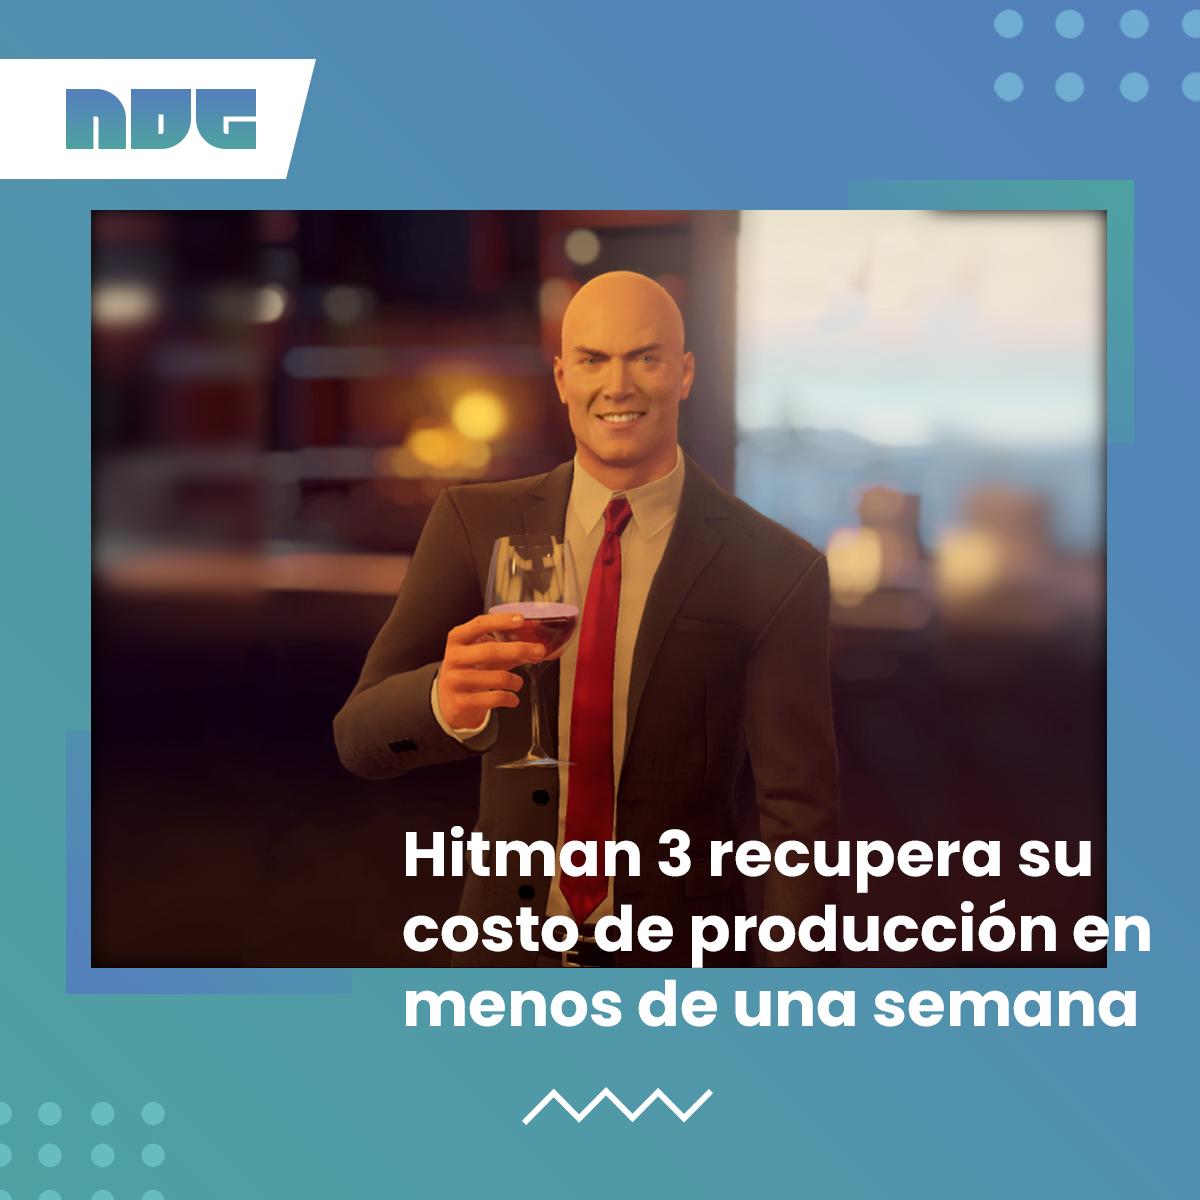 #Hitman3 ya recuperó sus costos de producción en menos de una semana de haberse lanzado ¡Salud, pelao!  #Hitman #IOInteractive #ventas #agent47